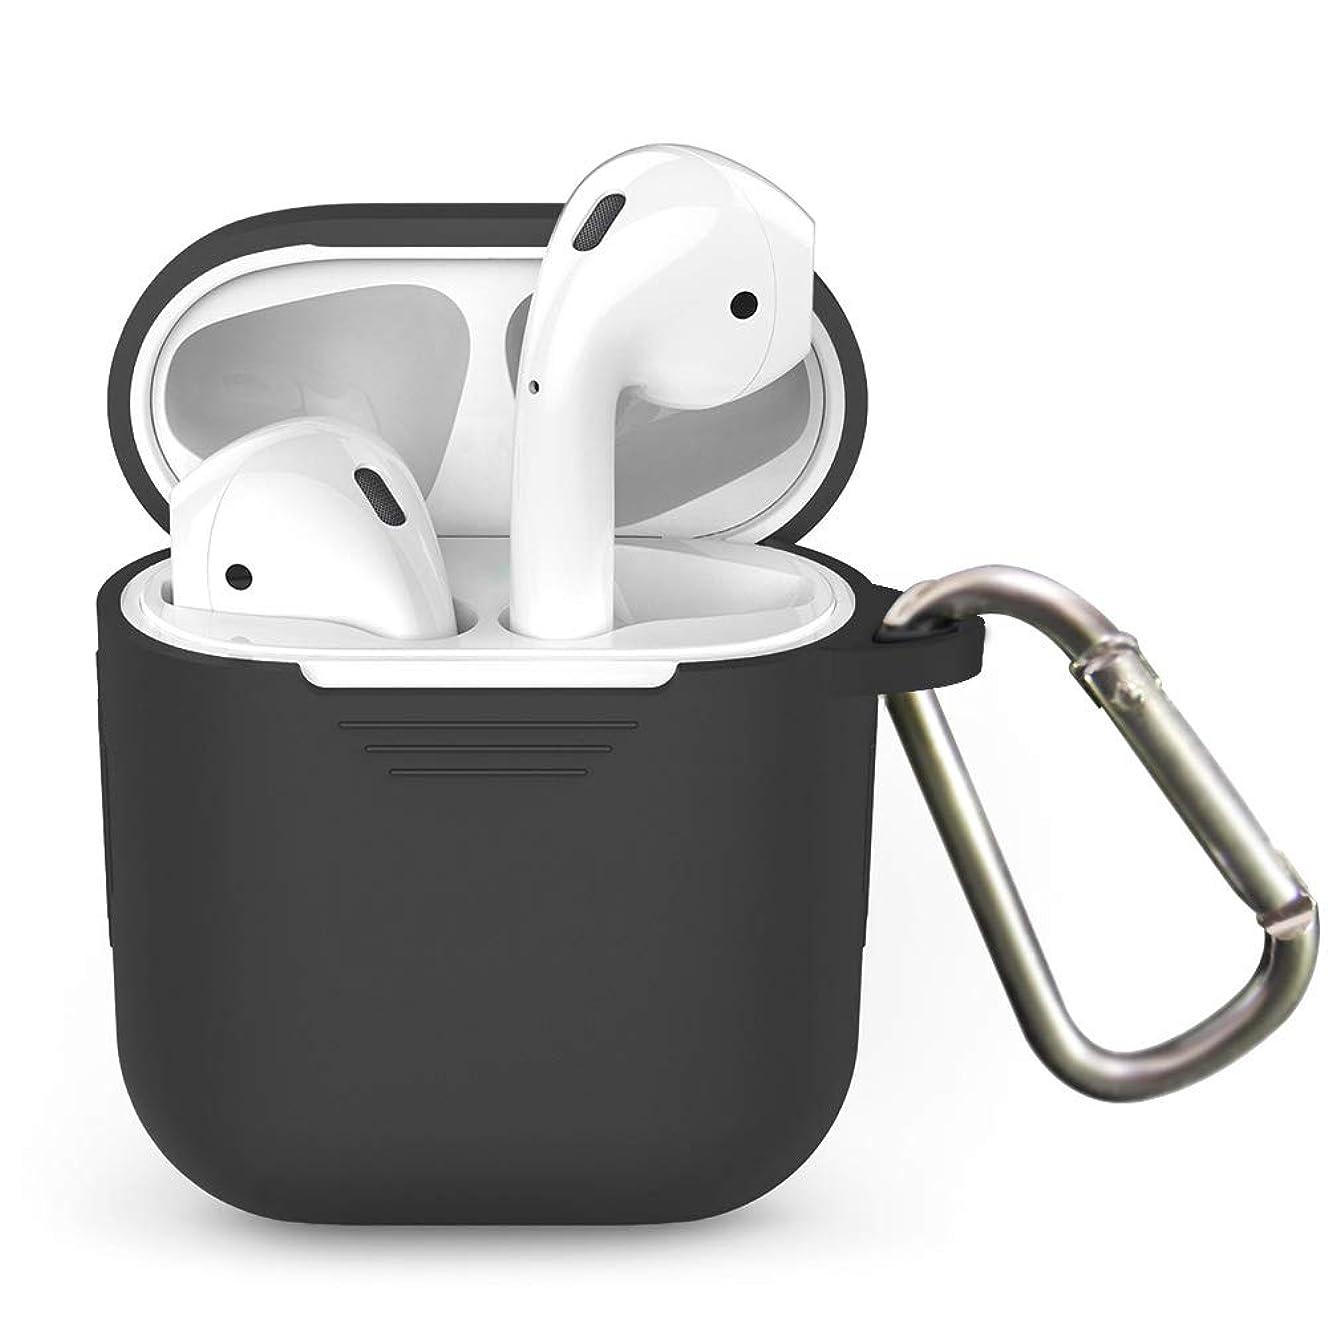 わざわざ塊労苦L-park Apple AirPods ケース カバー シリコン 保護 iPhone XS/iPhone XS Max/iPhone XR/iPhone X / iPhone8 / 8 Plus / iPhone7 / 7 Plus エアーポッズ/エアーポッド 専用 (ブラック)